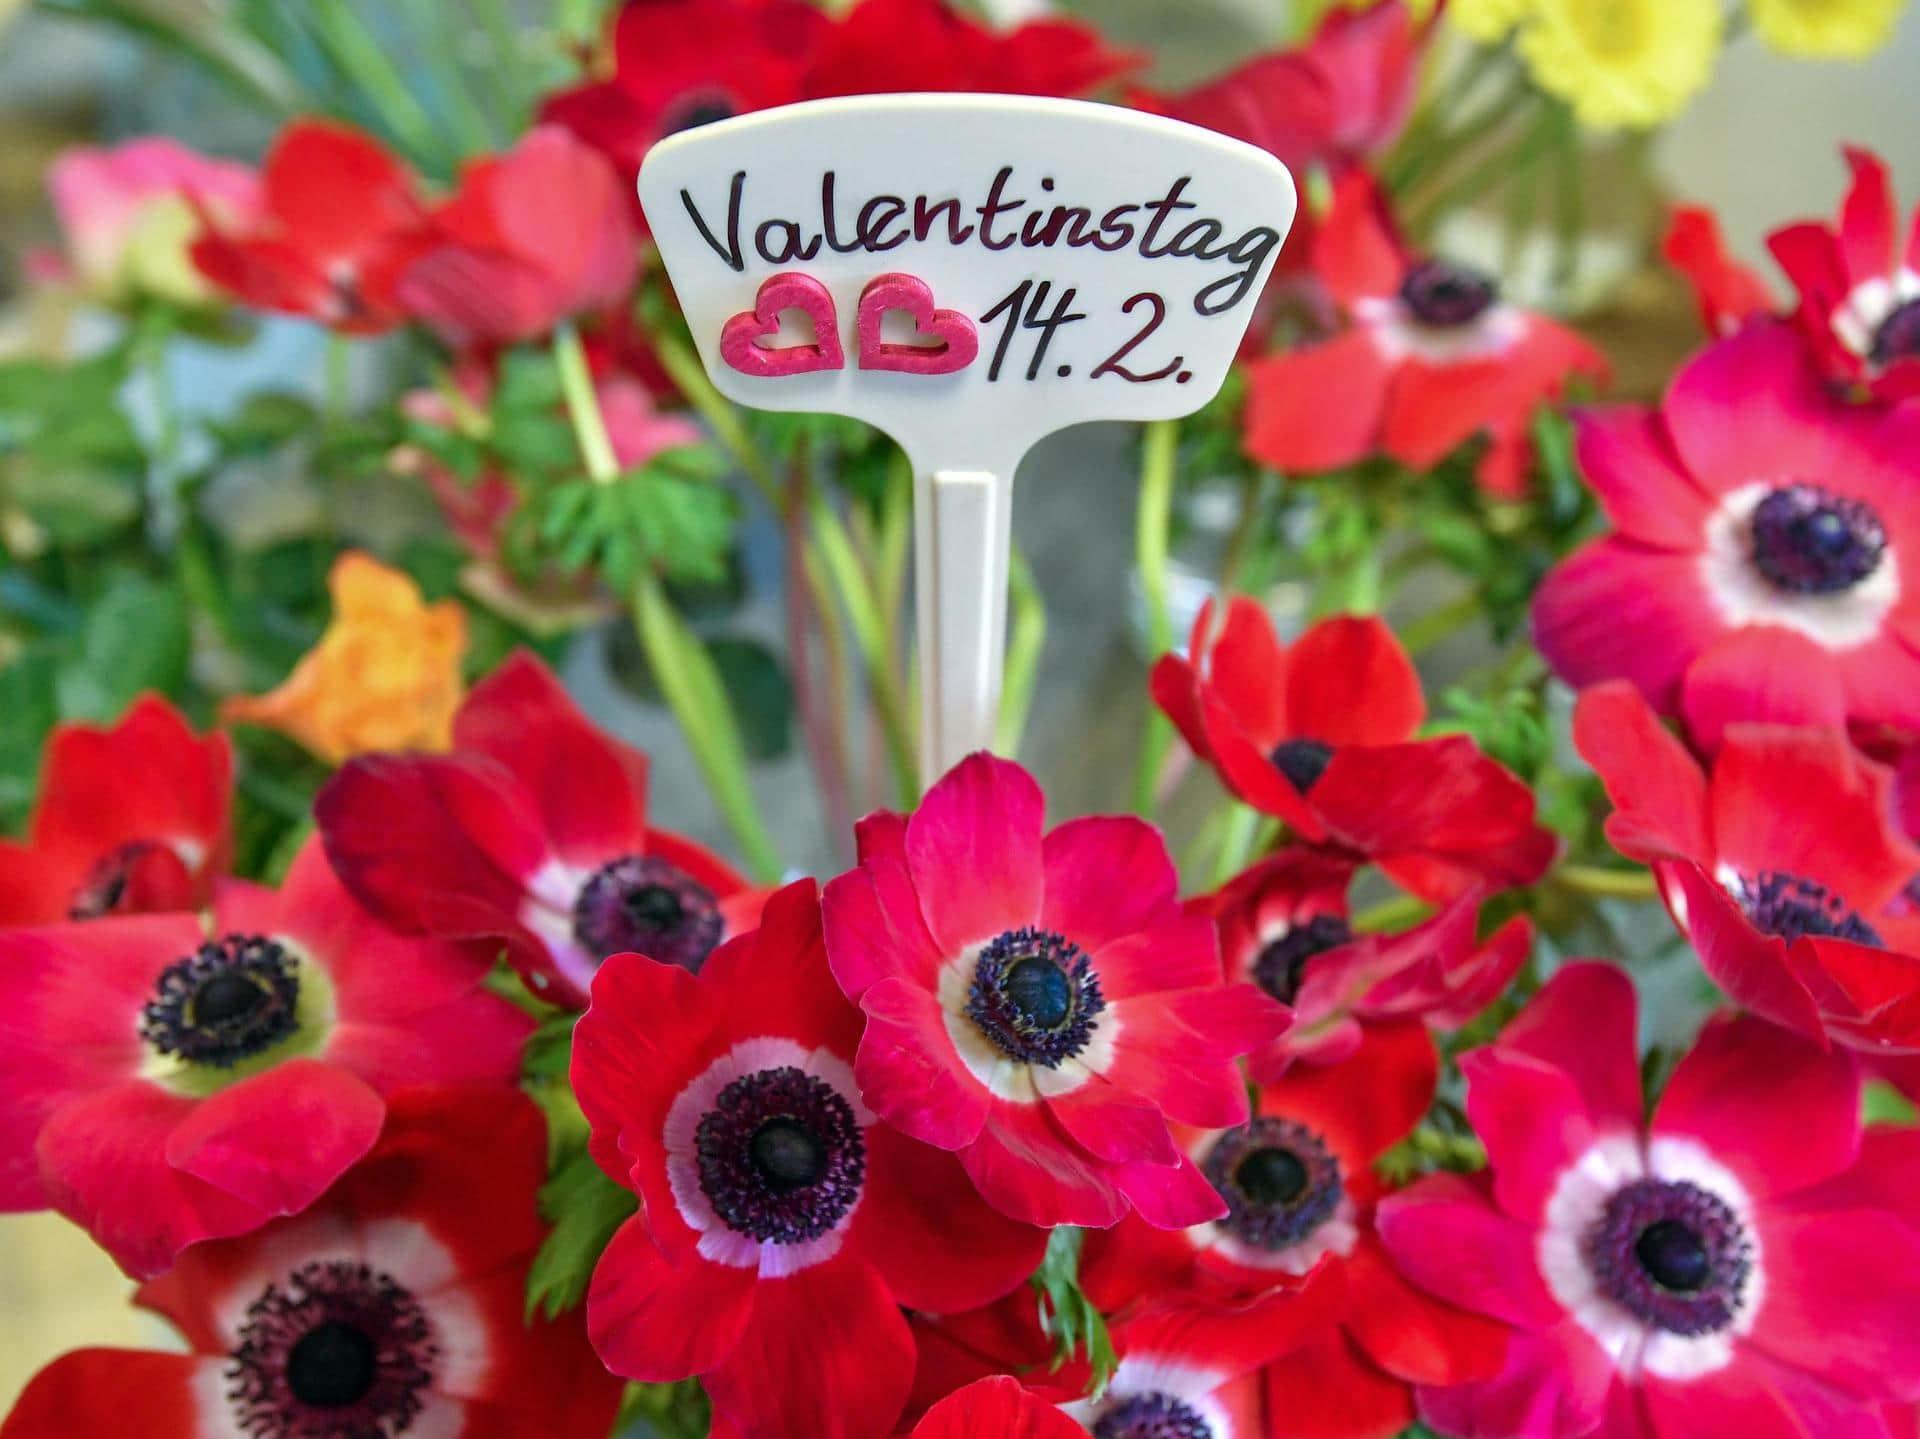 Blumenverkauf am Valentinstag erlaubt Corona-Ausnahme